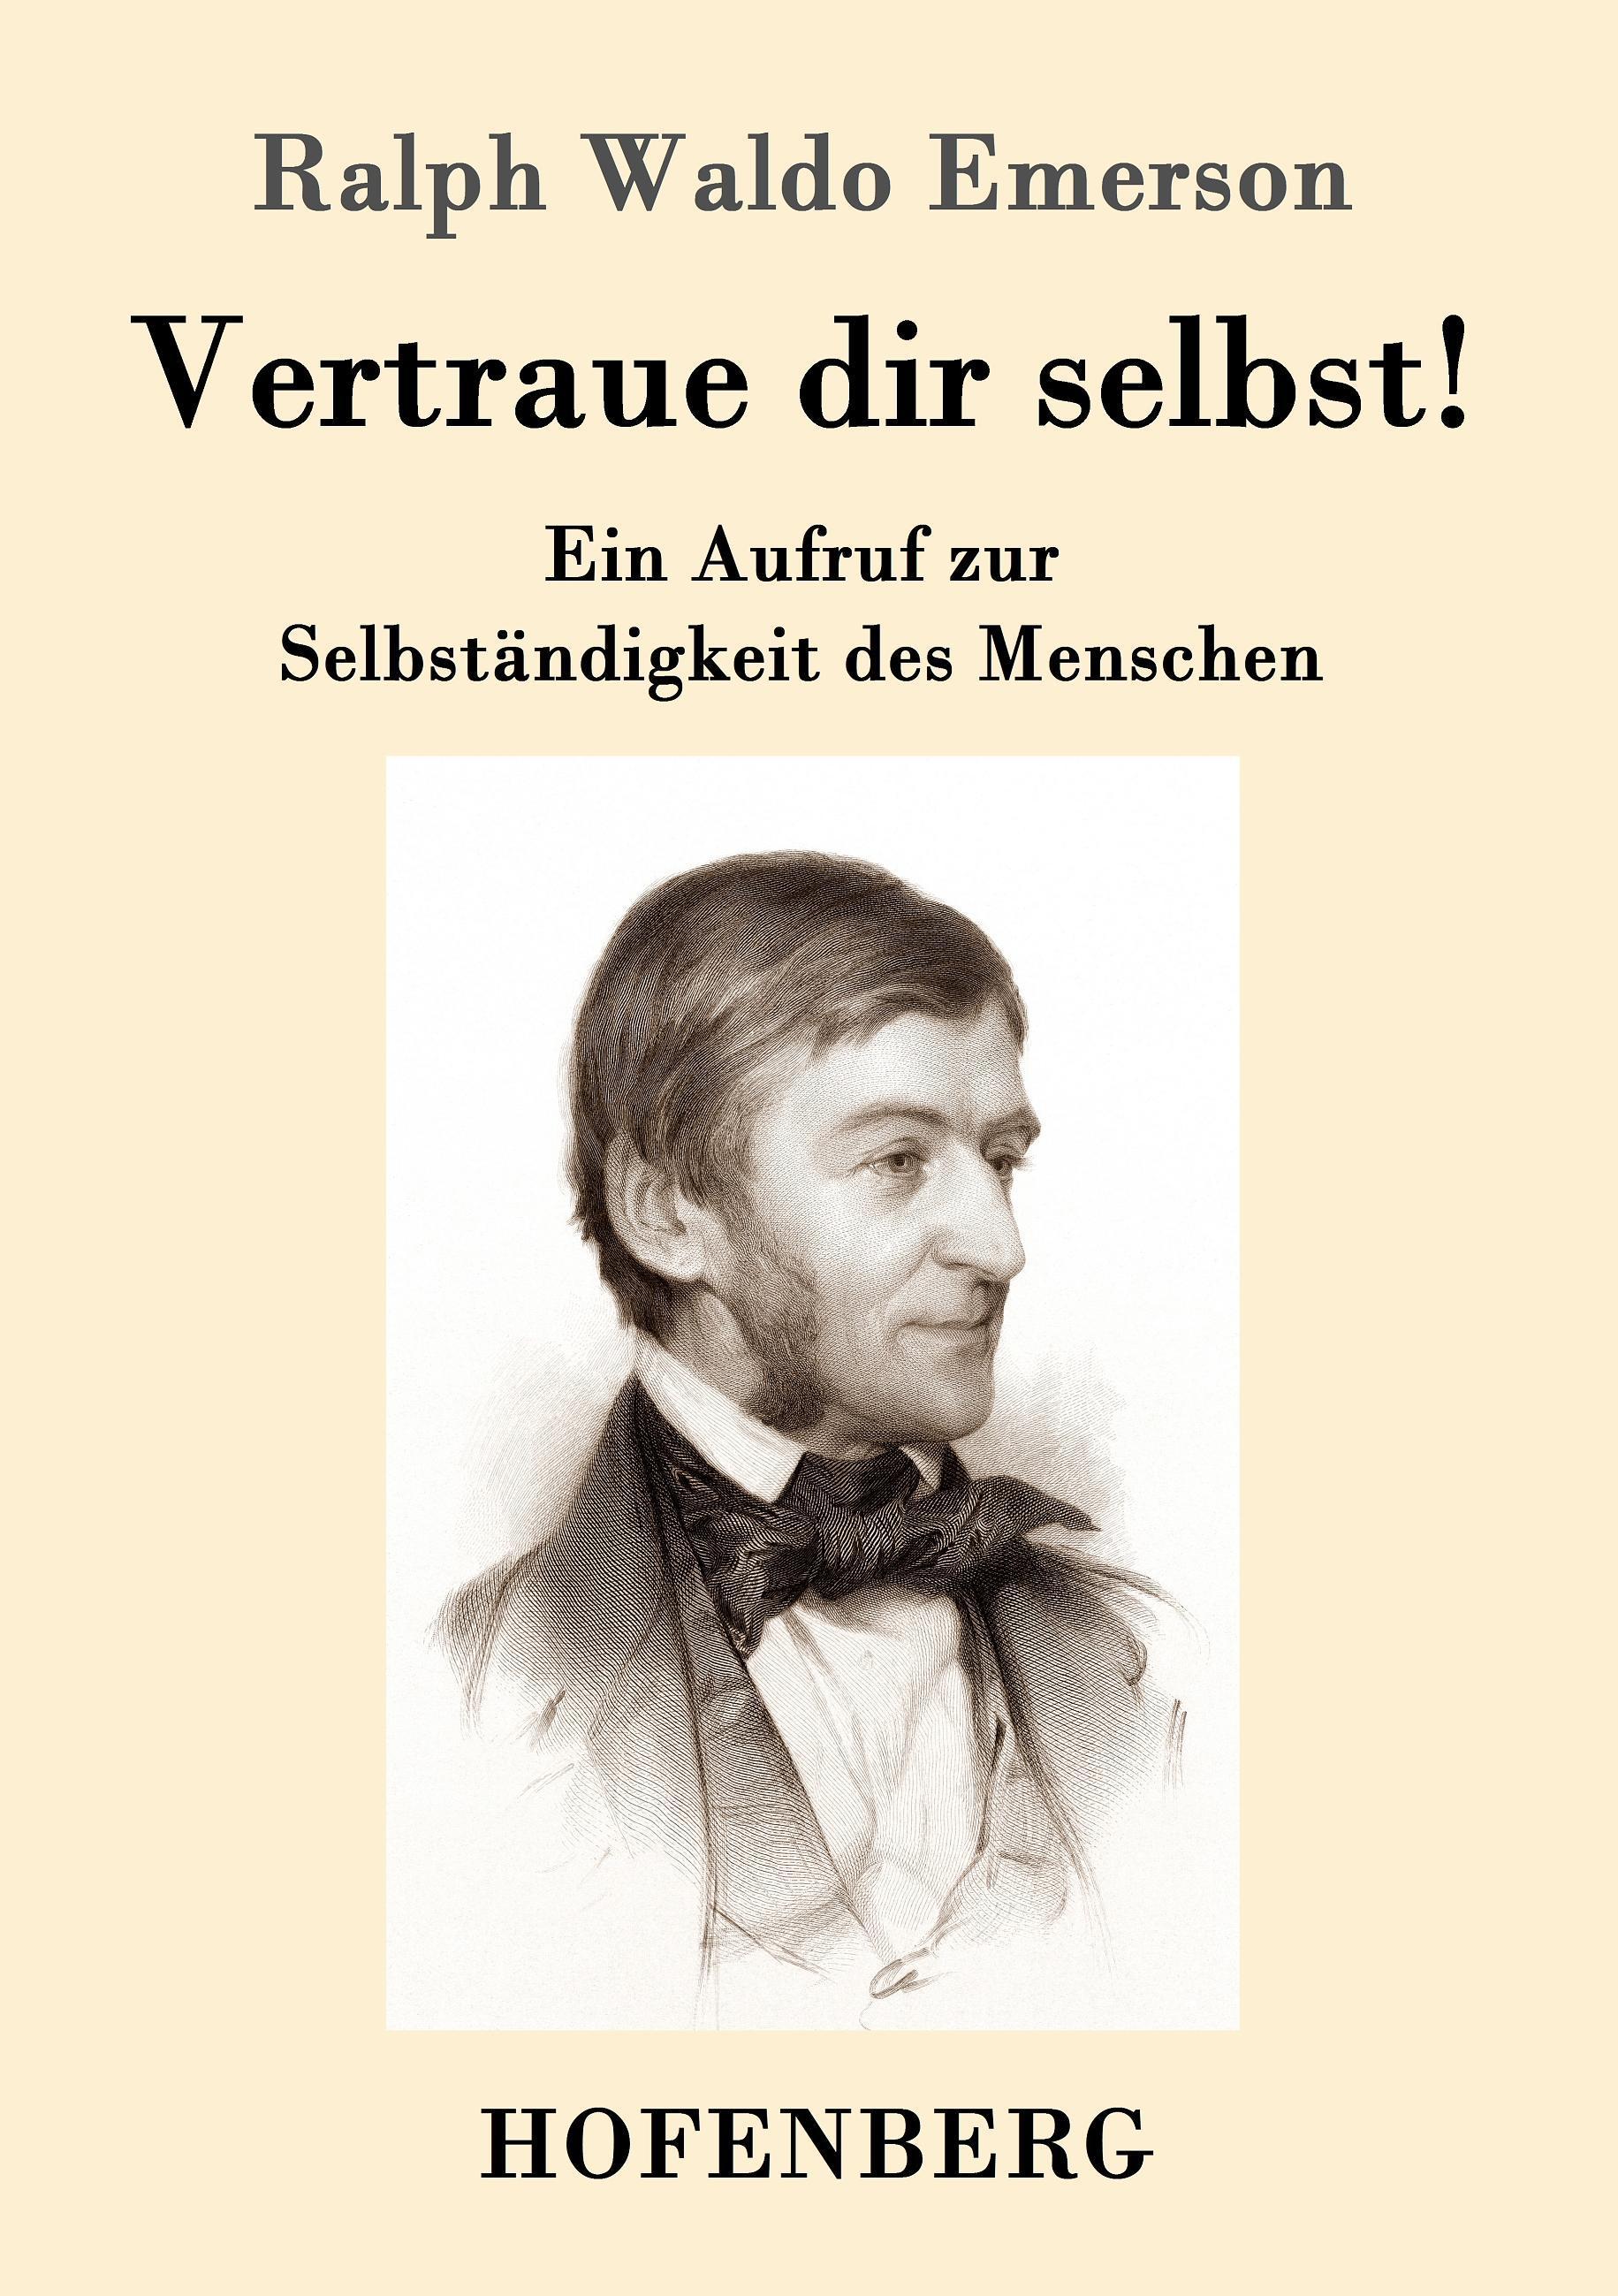 Vertraue dir selbst!  Ein Aufruf zur Selbständigkeit des Menschen  Ralph Waldo Emerson  Taschenbuch  Paperback  Deutsch  2016